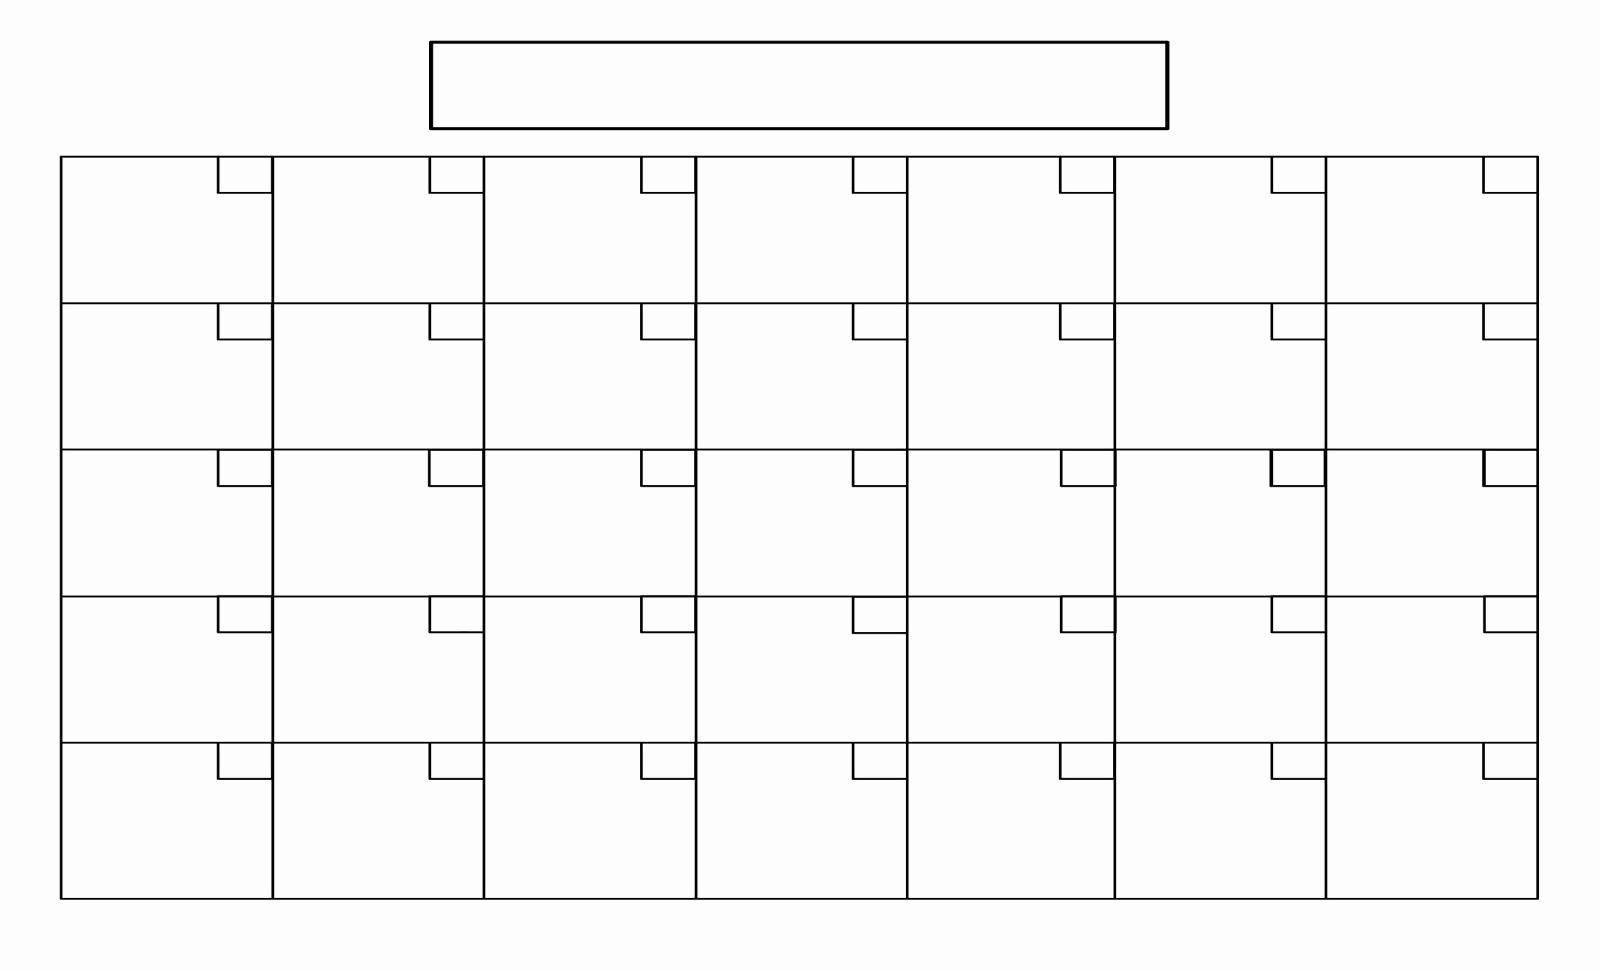 4 Weekly Calendar 4 Week Calendar Blank Calendar Template 2018_4 Week Calendar Blank